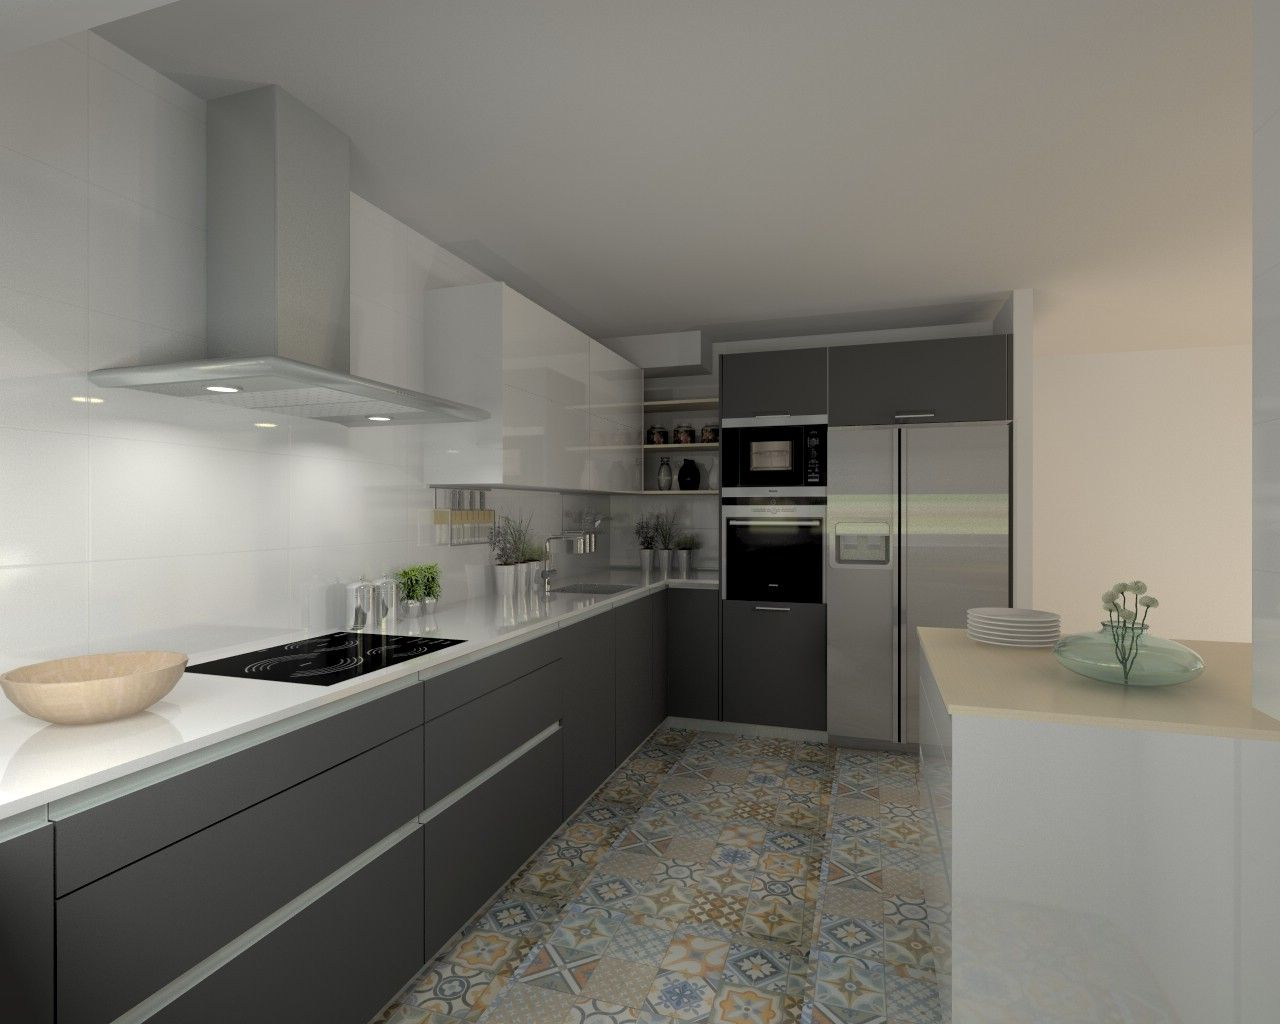 Modelo line e gris y line l blanco encimera silestone for Cocinas modernas blancas y grises